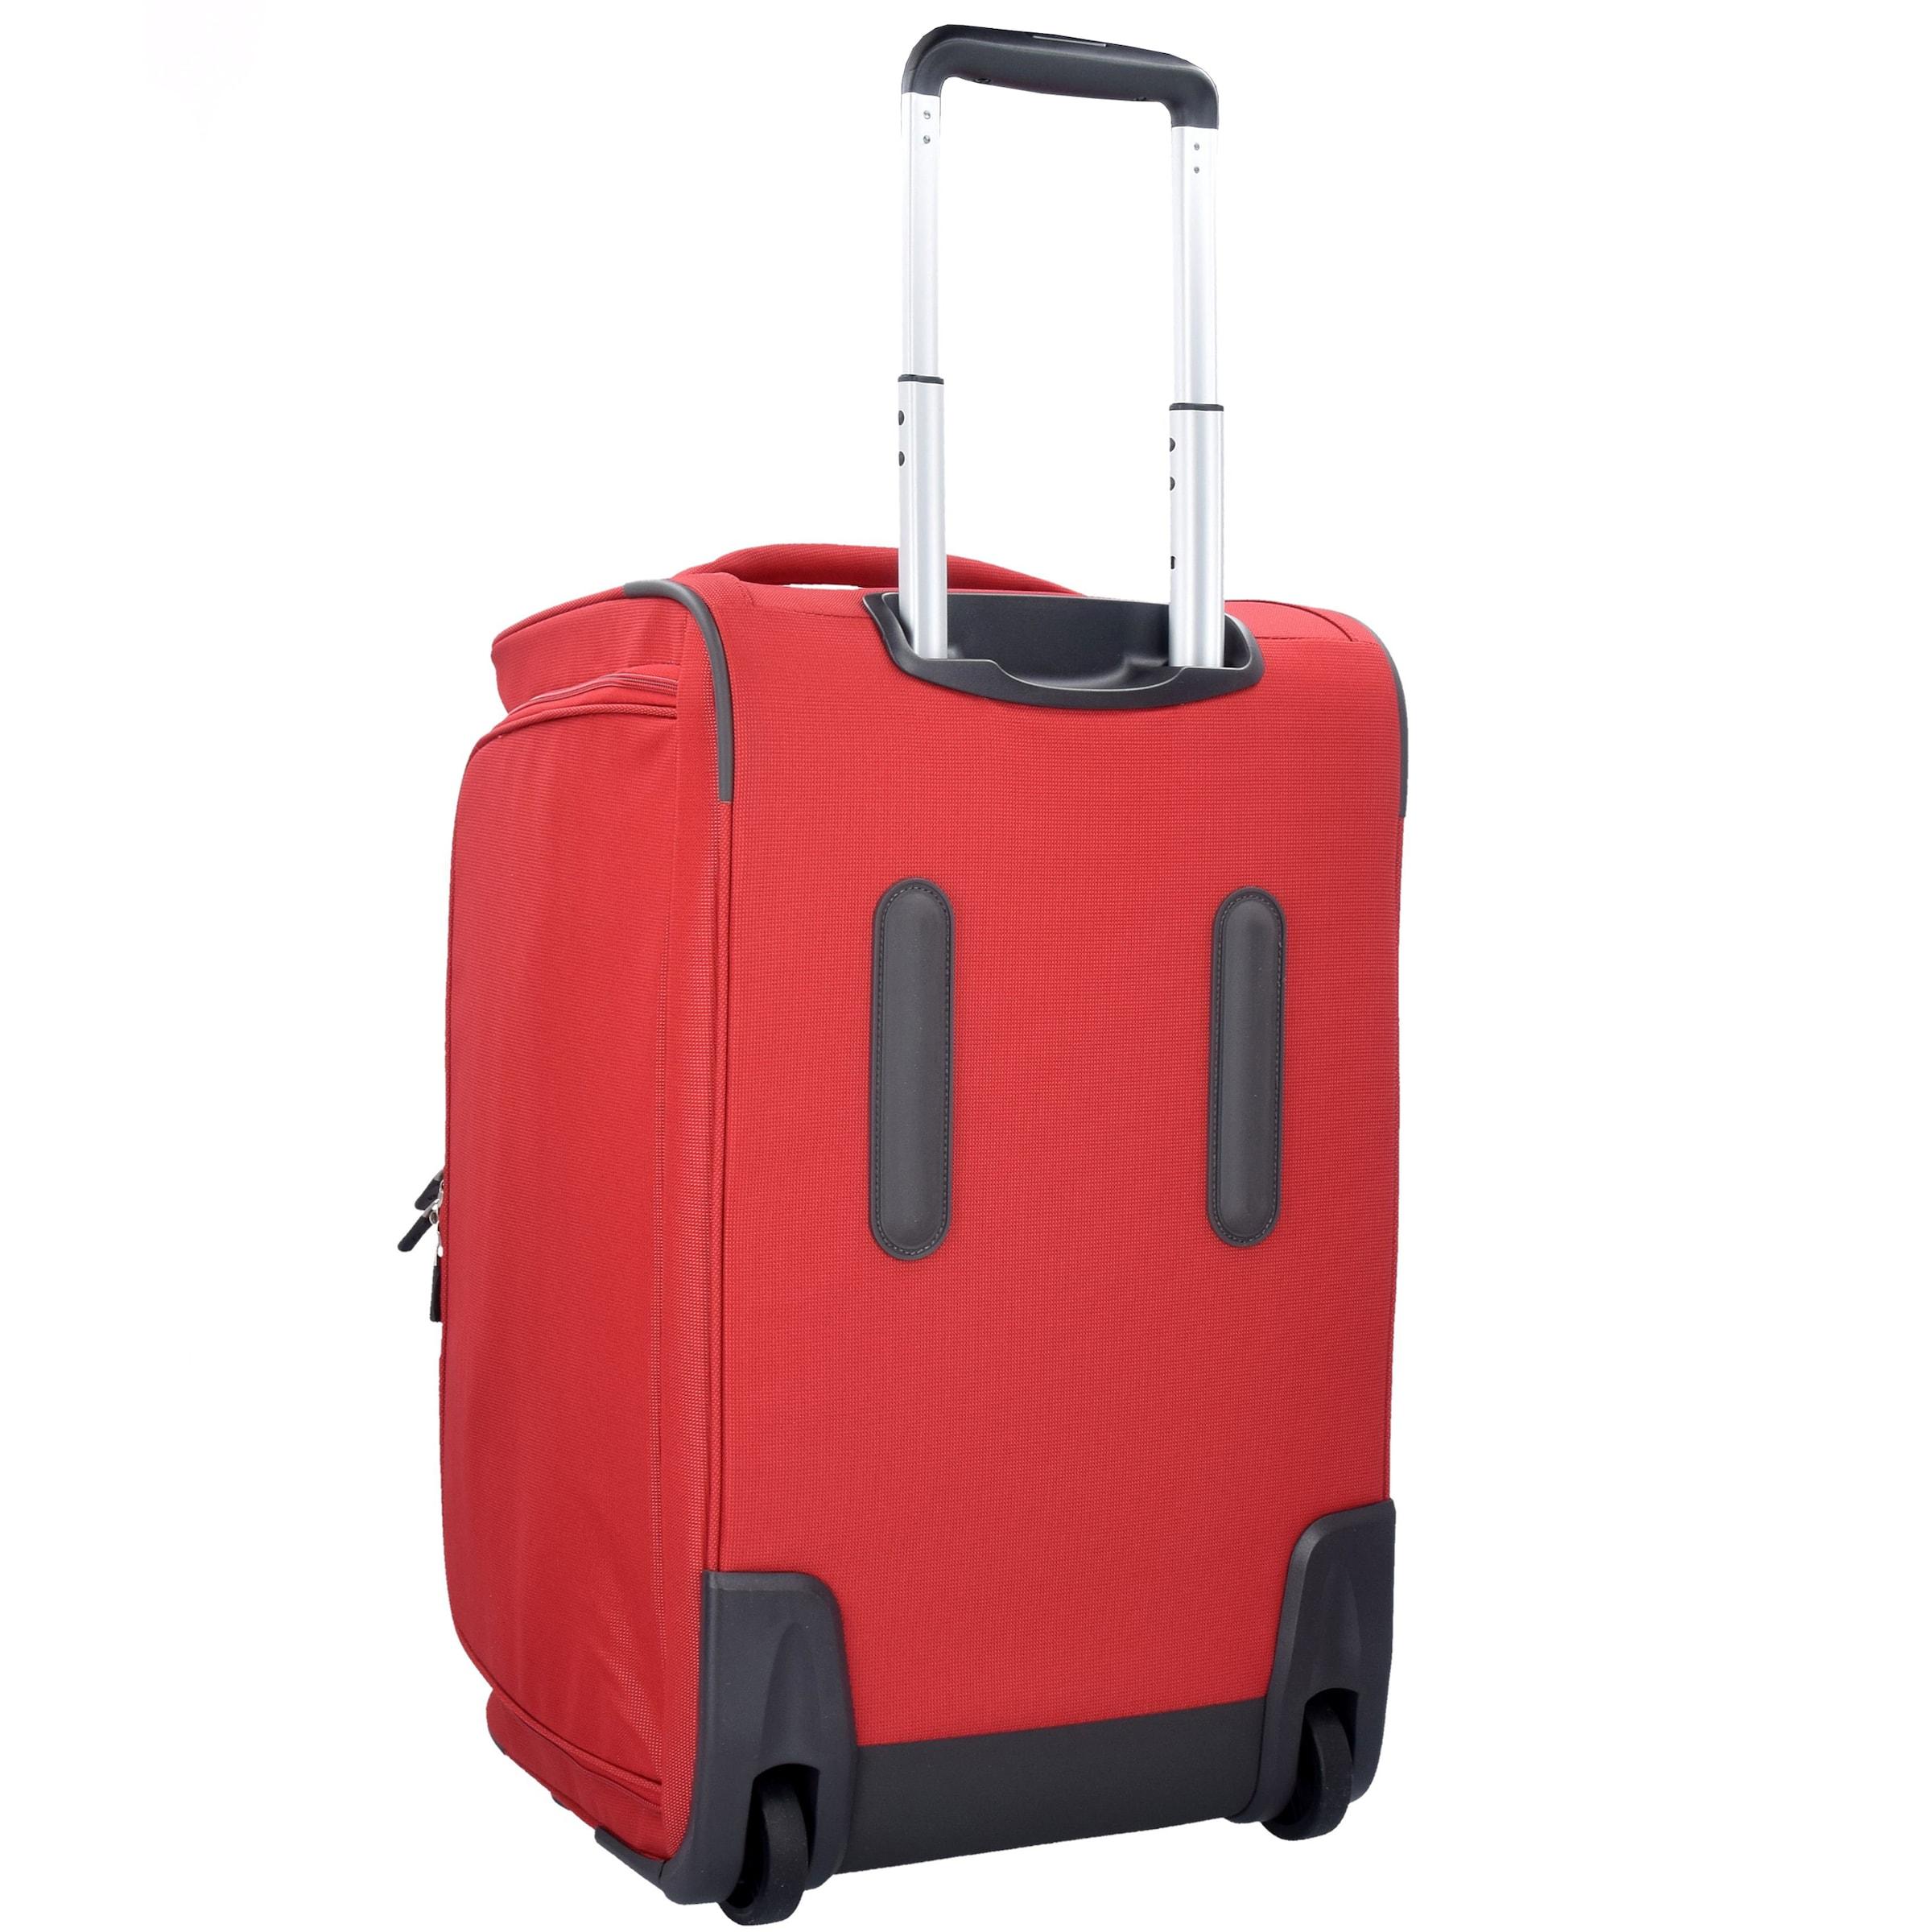 Auslass 2018 Neueste SAMSONITE Spark SNG Upright 2-Rollen Reisetasche 55 cm Outlet Besten Großhandel Billig Für Billig Outlet Neuesten Kollektionen Niedriger Preis Versandkosten Für Online-Verkauf XjYs0